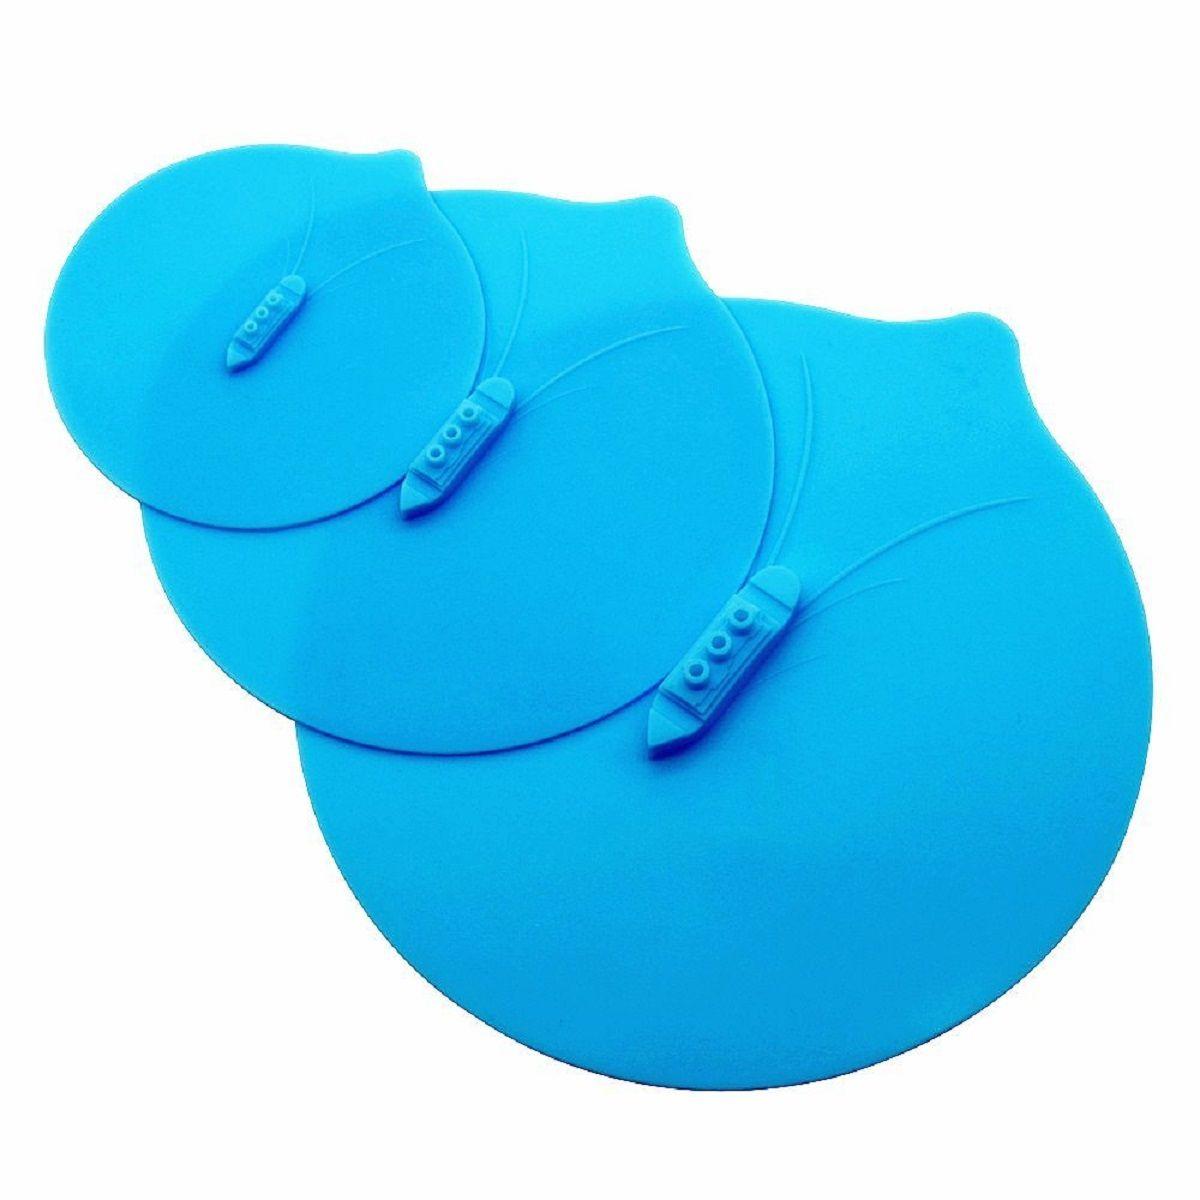 Силиконовые крышки выгодно отличаются от стеклянных тем, что не бьются, не требуют бережного обращения, к тому же их удобнее хранить и легче использовать. В то же время силикон способен выдерживать высокие температуры, что позволит ставить посуду с такой крышкой и на плиту, и в духовку и в холодильник.  Наши силиконовые крышки позволяют выпустить немного пара в течение приготовления еды. Идеально подходит для хранения и повторного нагрева остатков, поддержания свежести еды.Диаметр крышек: 25,5 см; 16,5 см; 13,5 см.